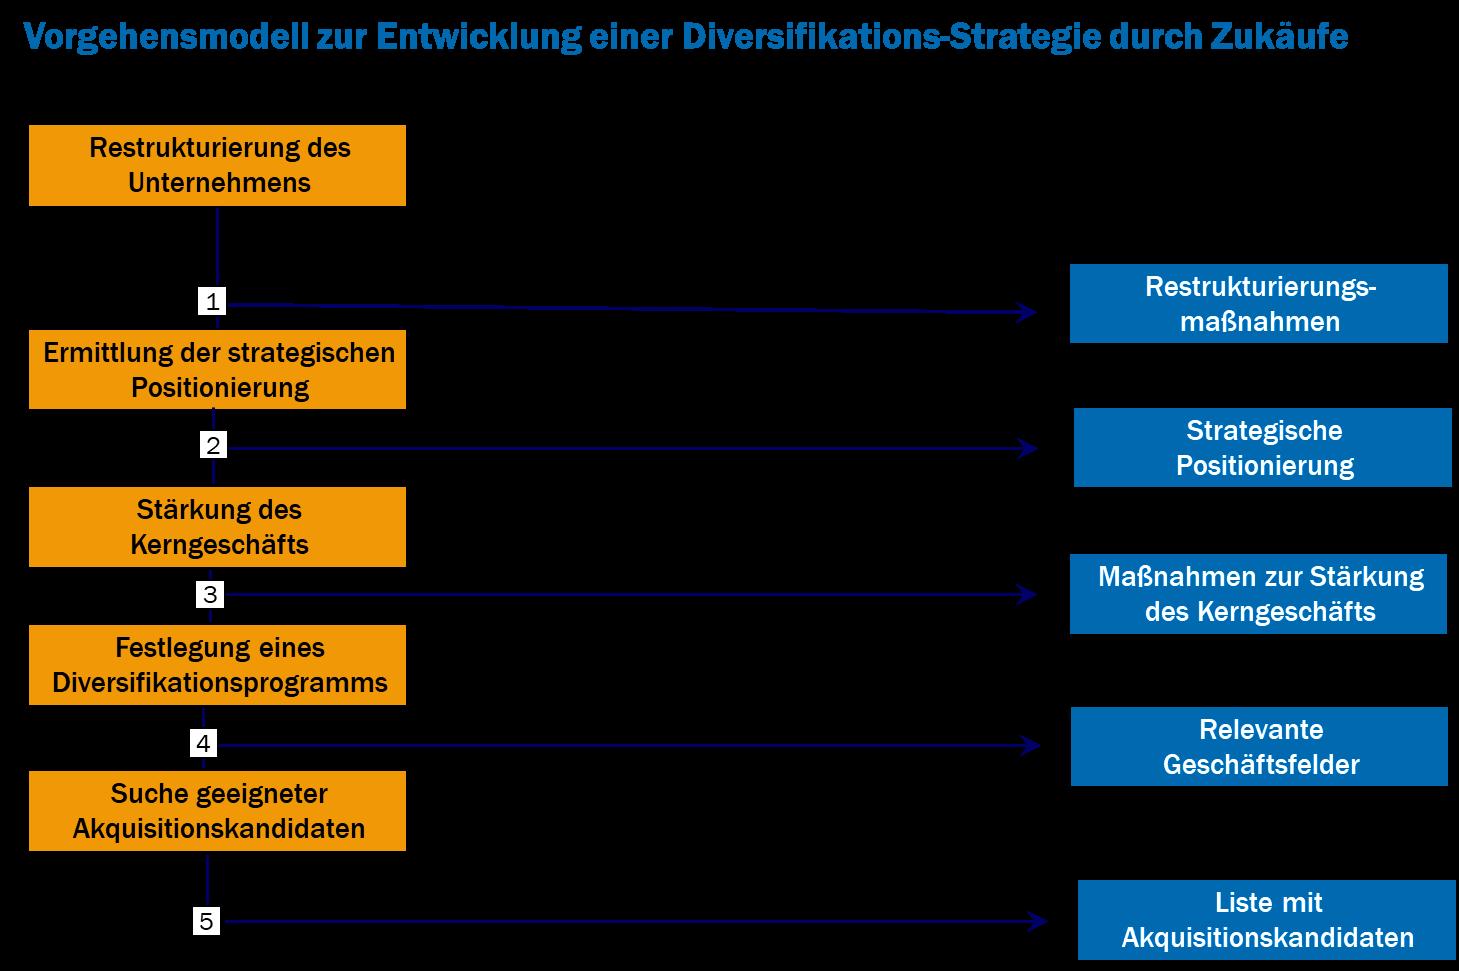 Vorgehensmodell zur Entwicklung einer Diversifikations-Strategie durch Zukäufe